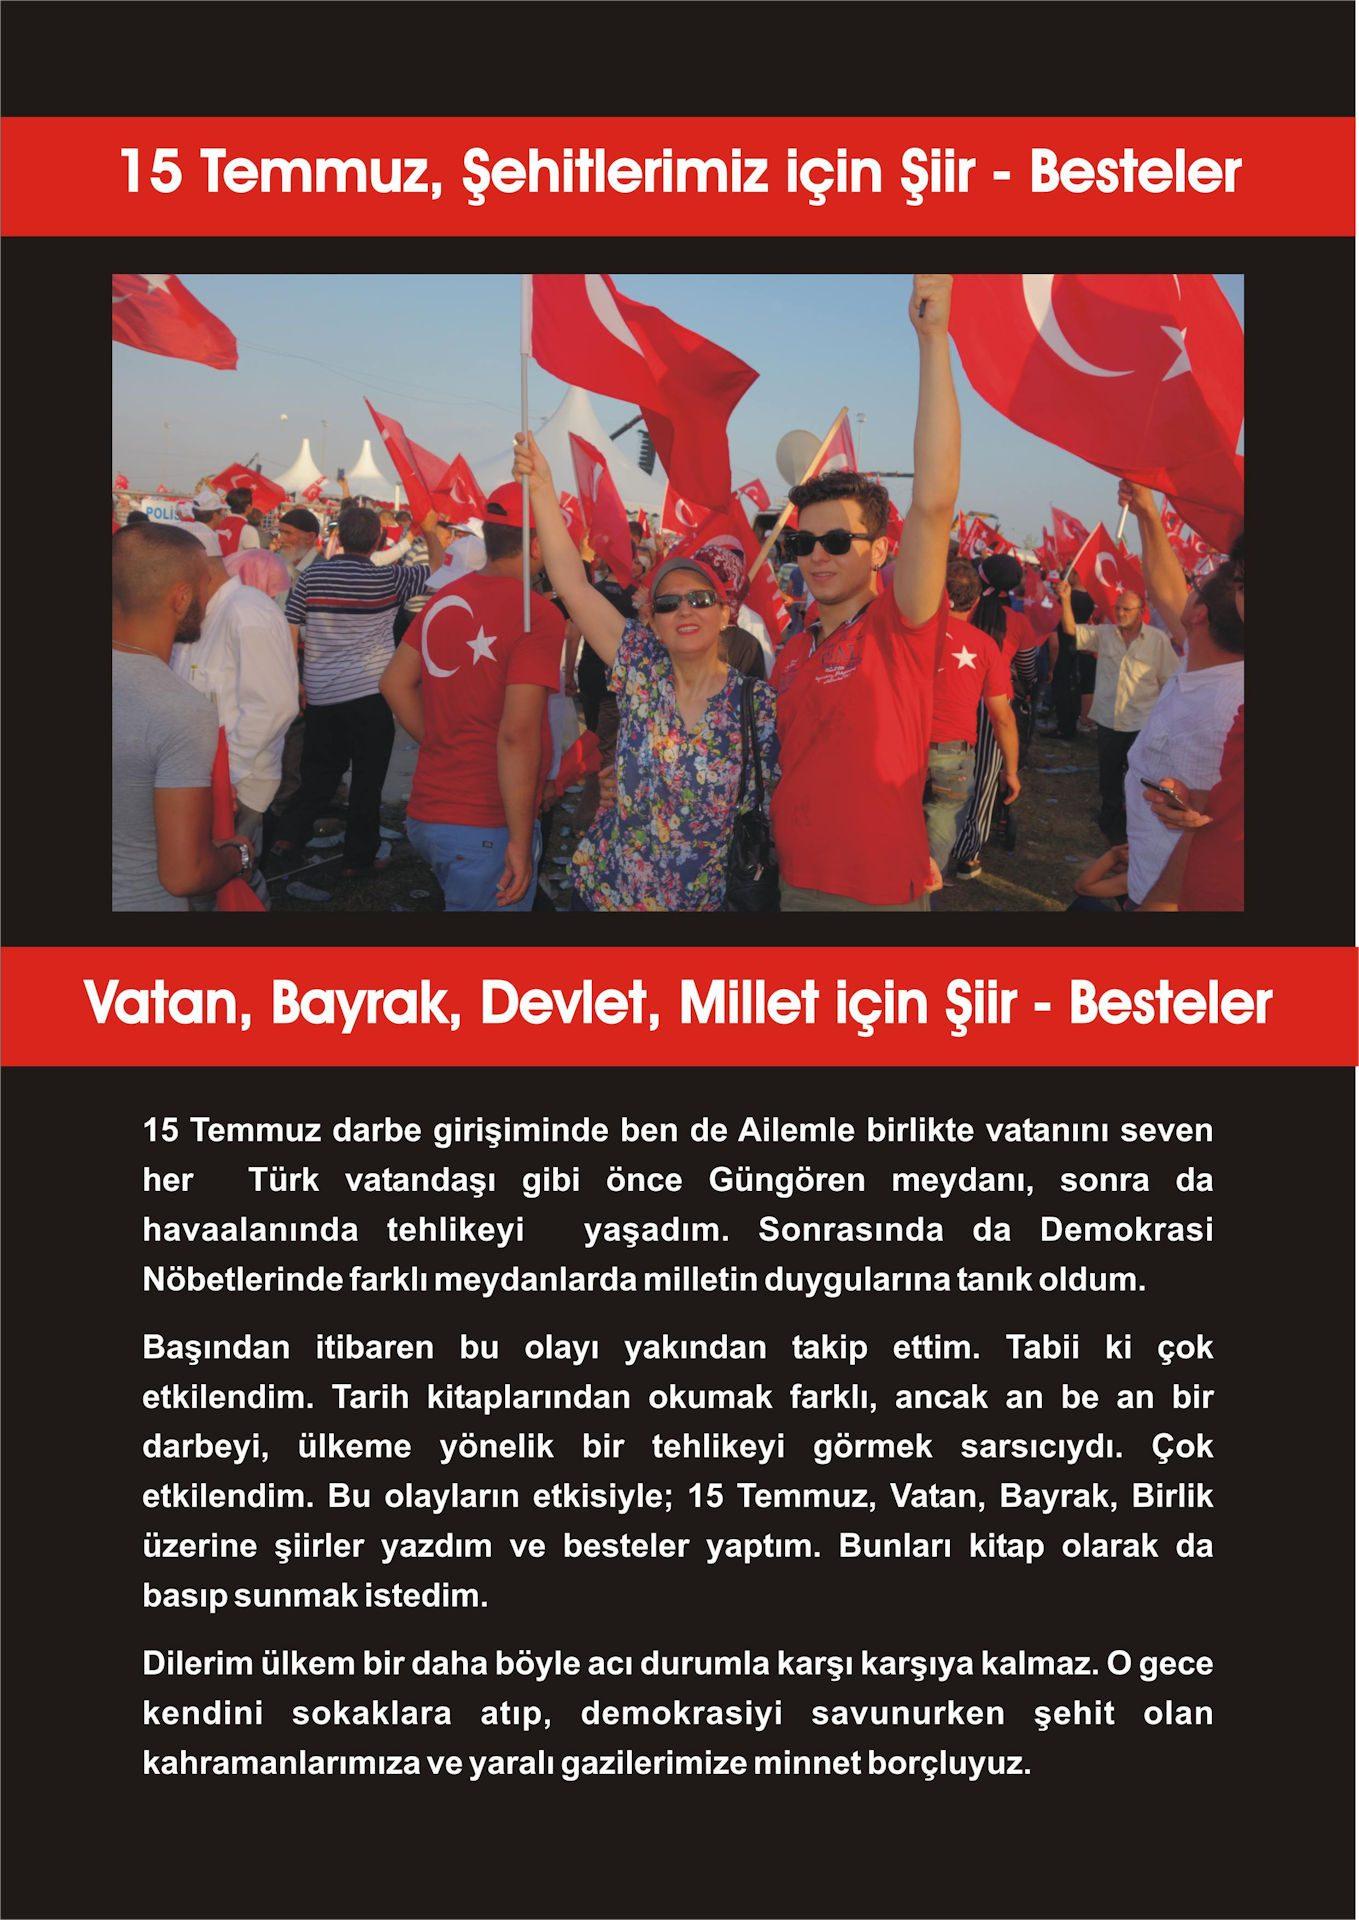 ARKA KAPAK 15 Temmuz Vatan Ve Bayrak Şiirleri Şarkı Ağıt Türkü Besteler Yeni Nota Kitabı Bugün Basıldı